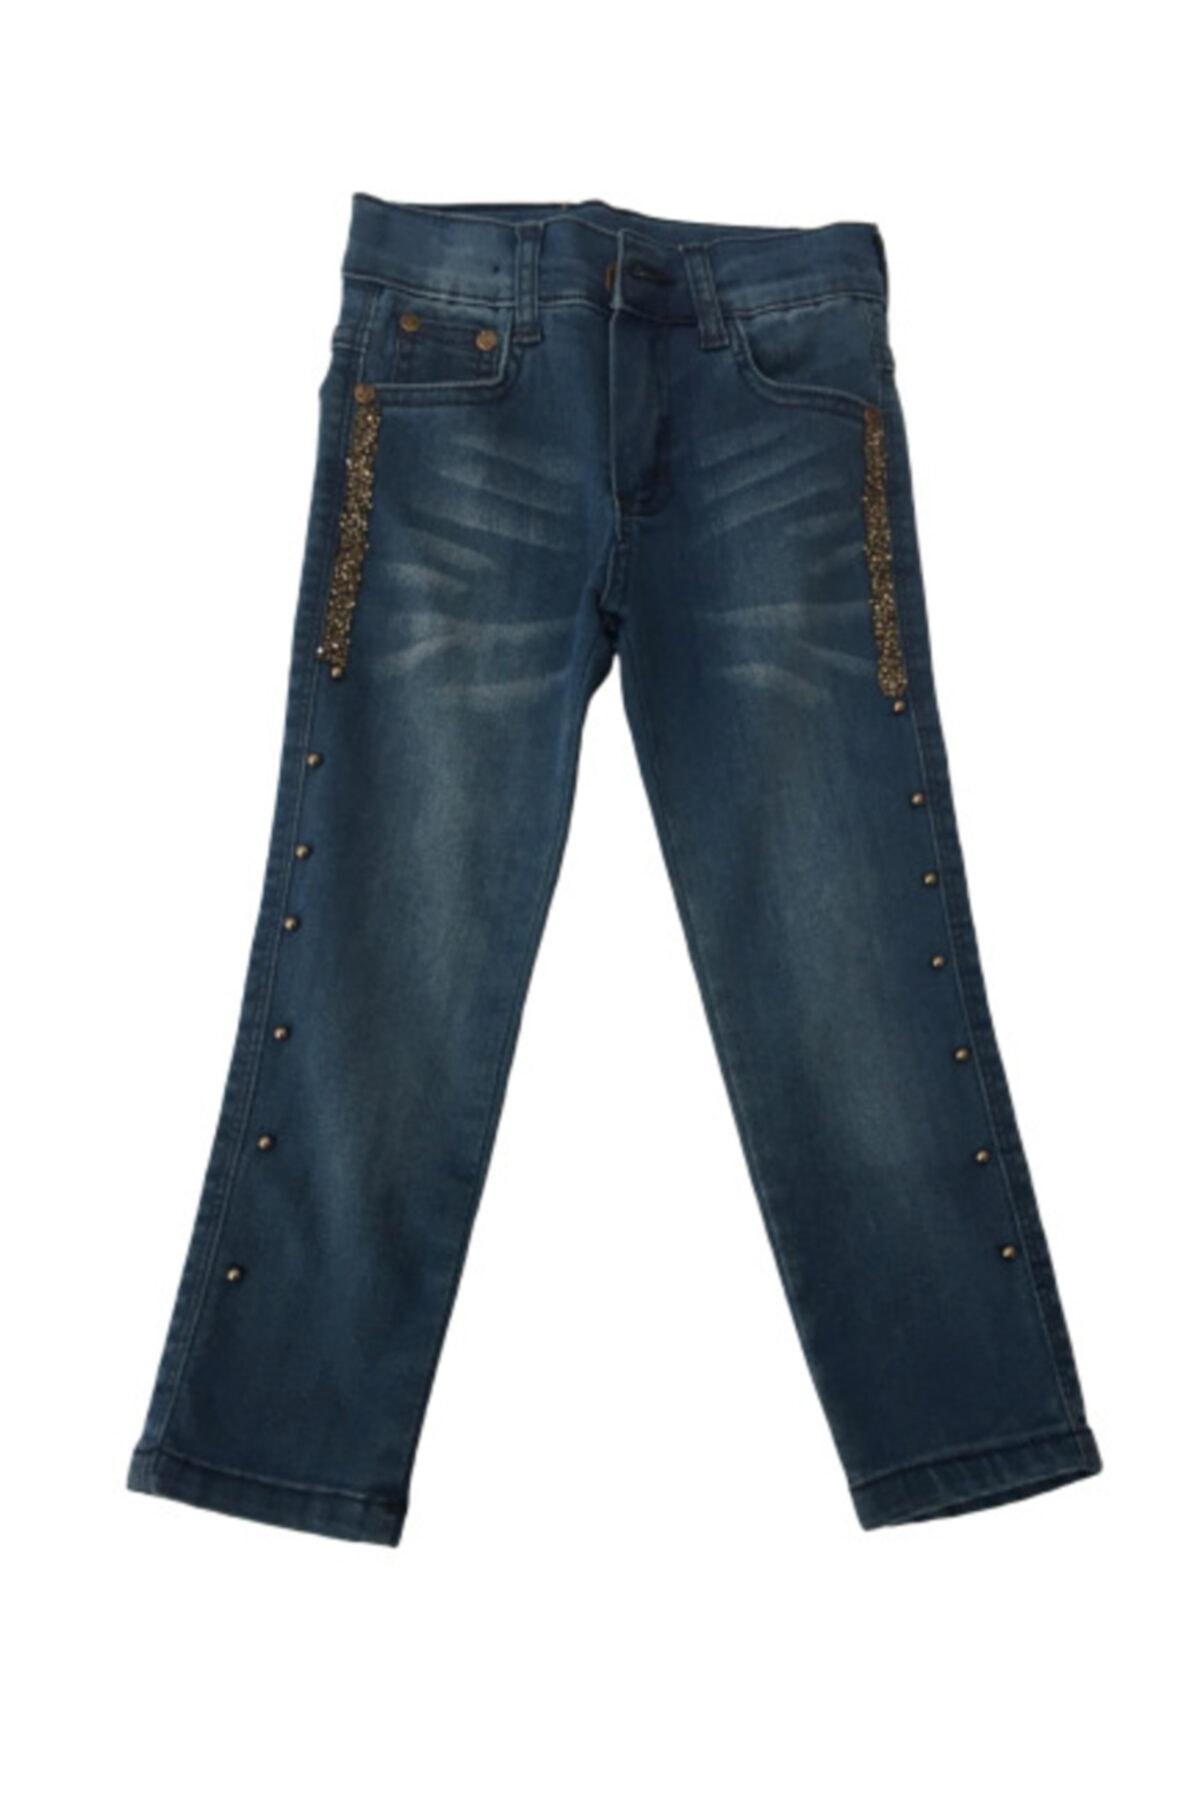 Calvino Kız Çocuk Mavi Simli Kot Pantolon 2-10 Yaş 1